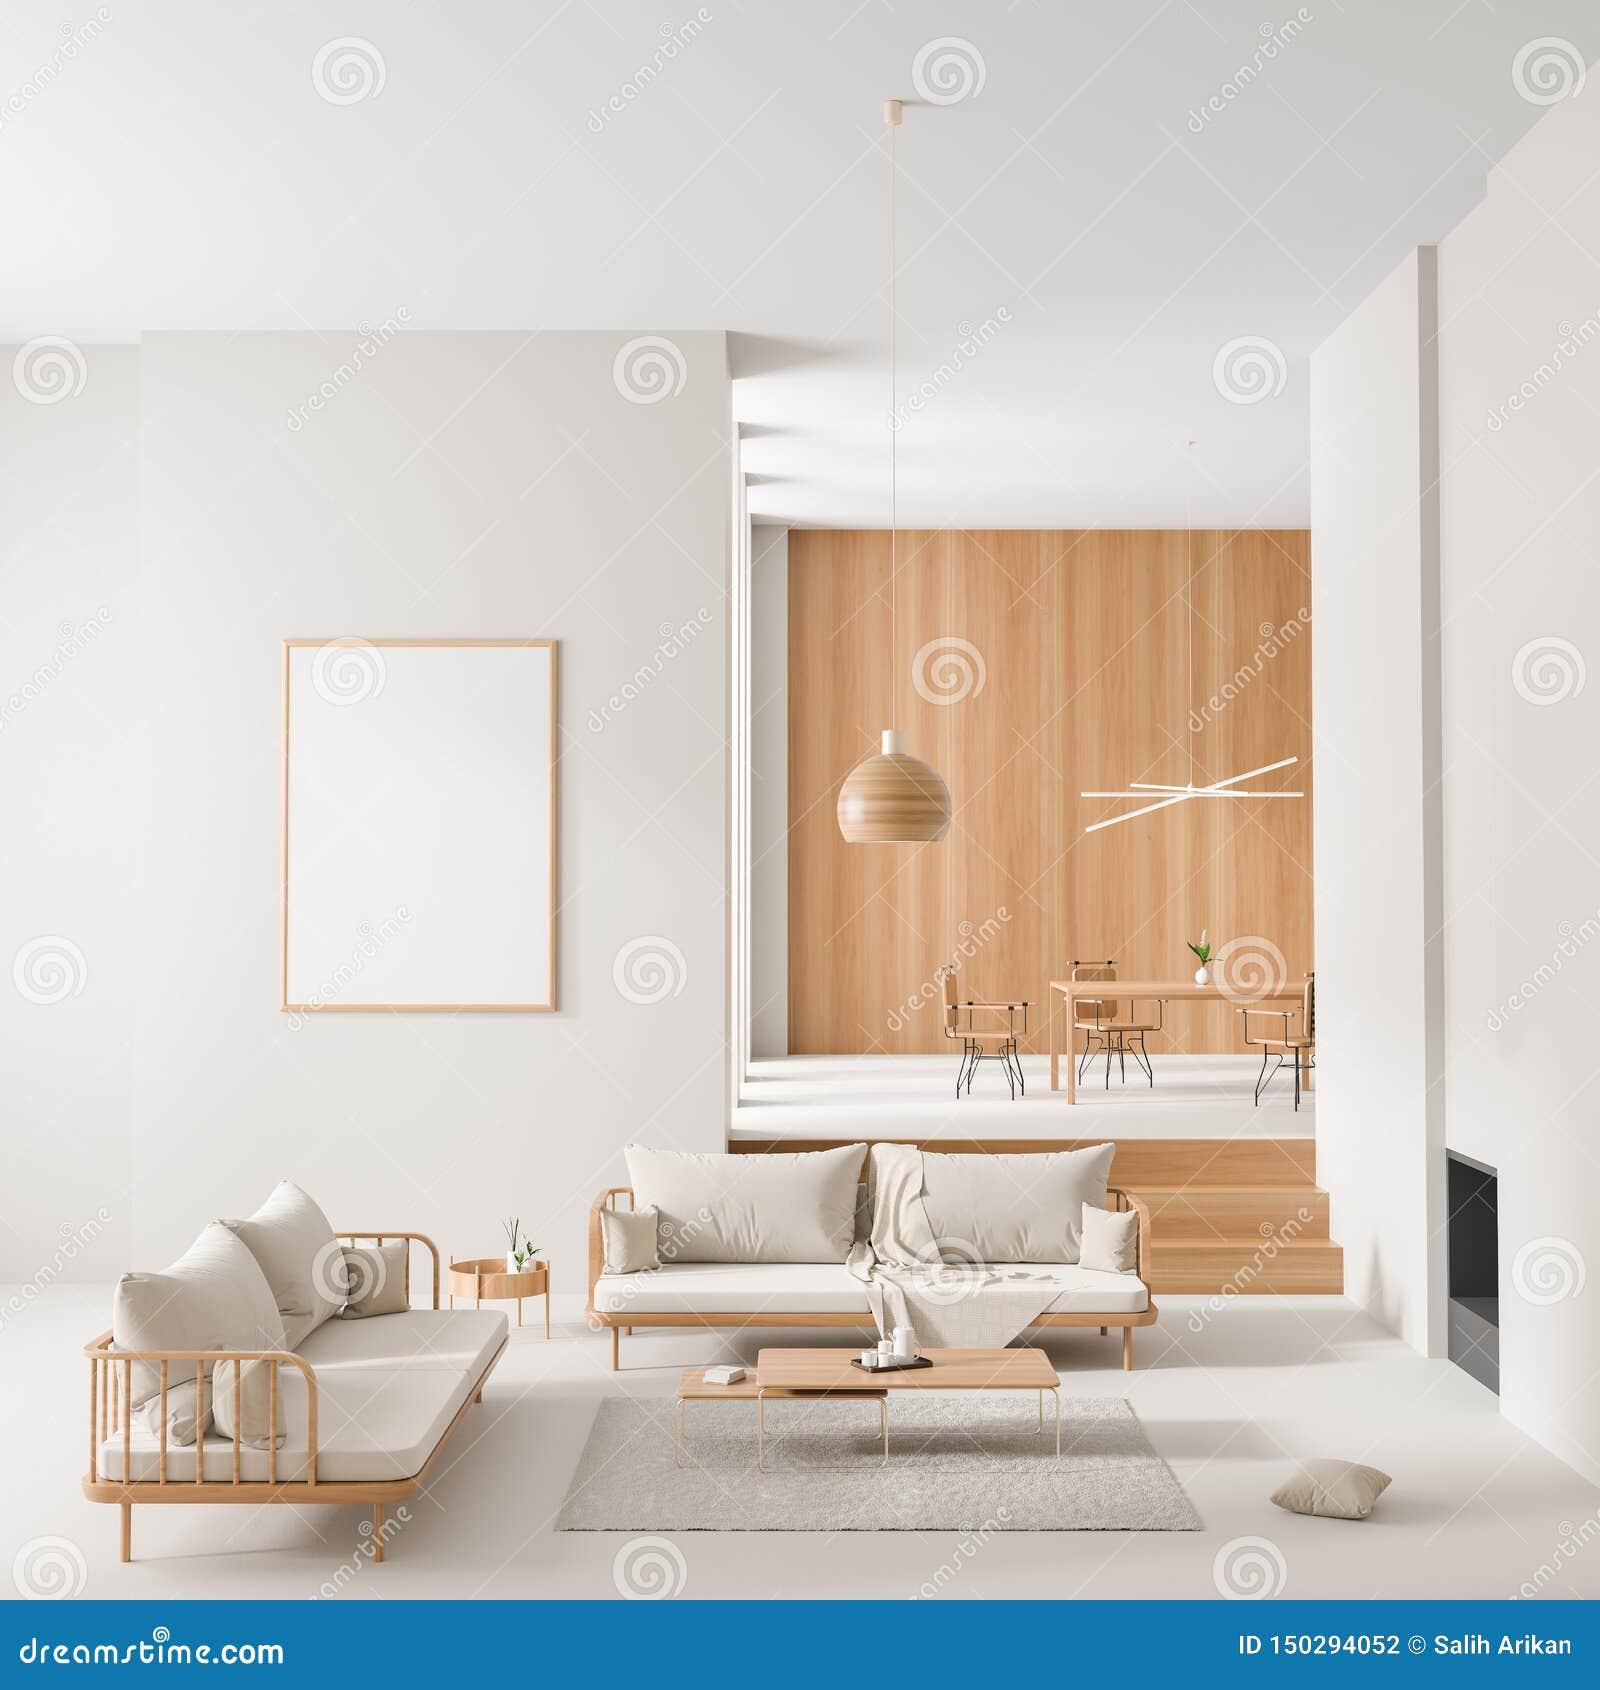 在斯堪的纳维亚样式的假装海报框架内部与壁炉和饭桌 E 3d??